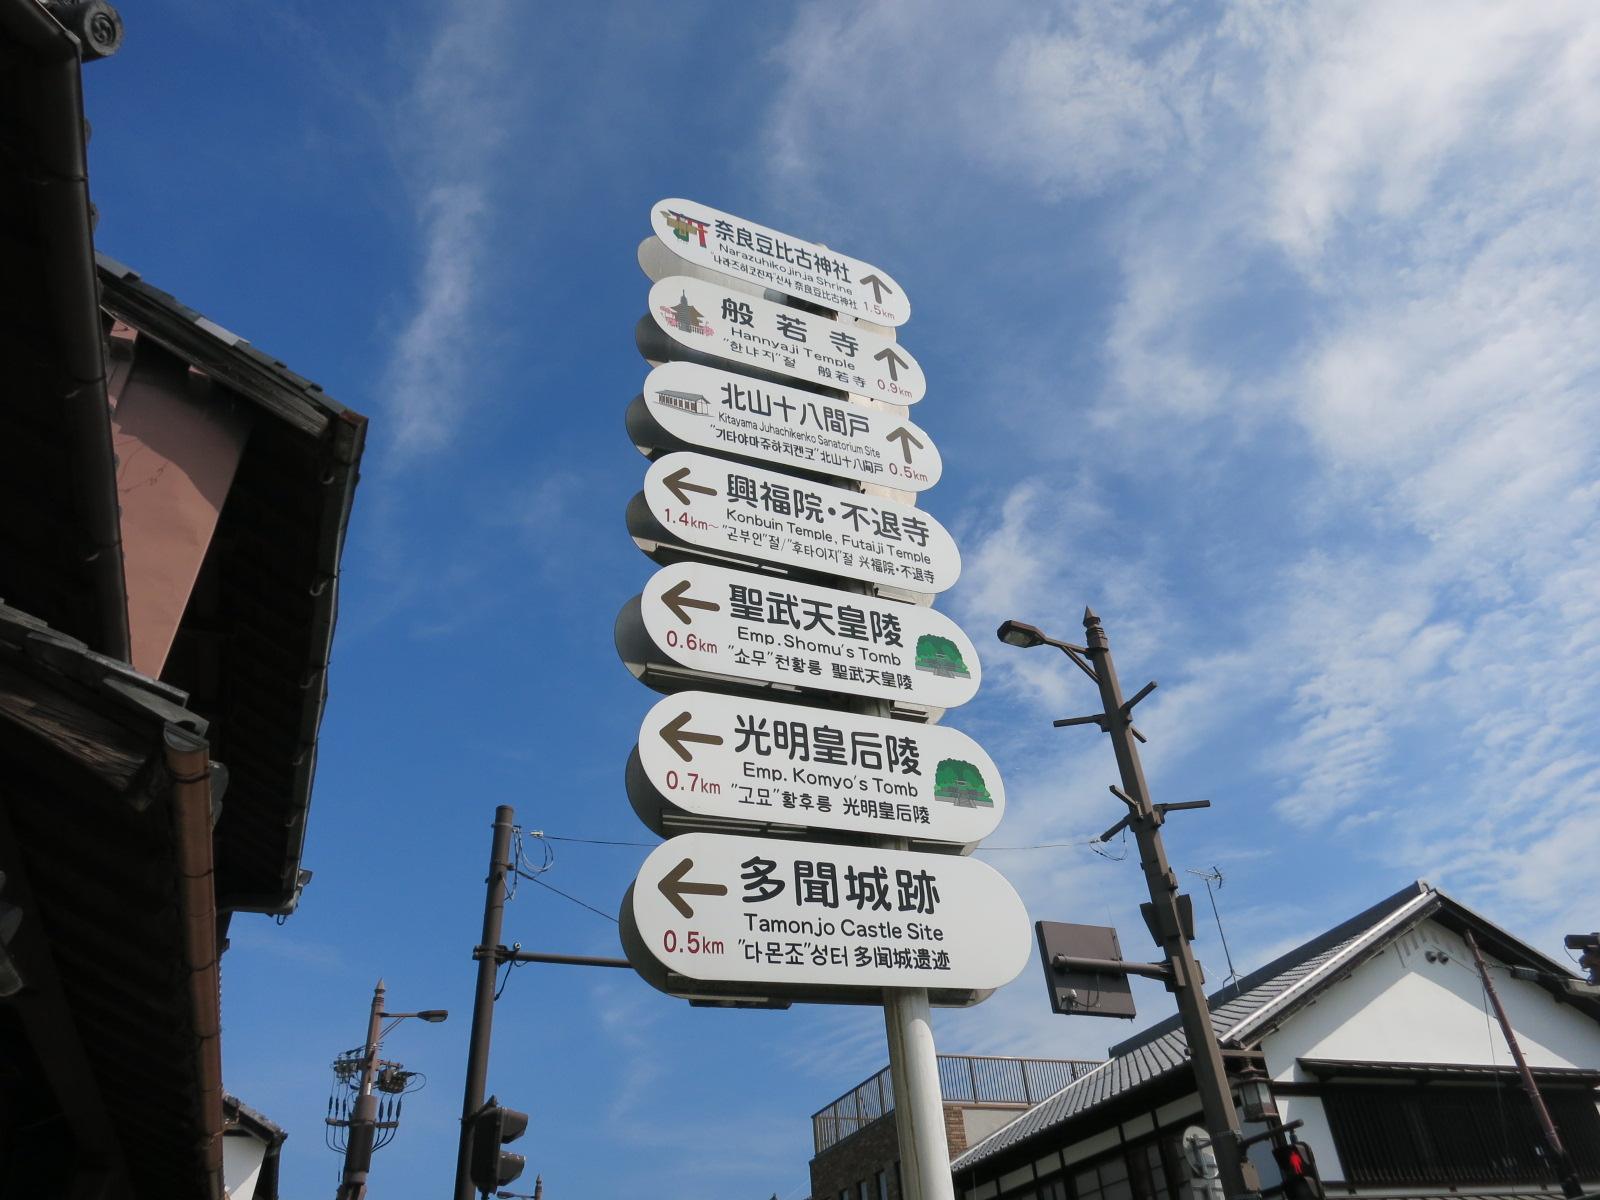 国道369号線に出ました。今回は行けませんでしたが、北に進むと、般若寺などがあります。